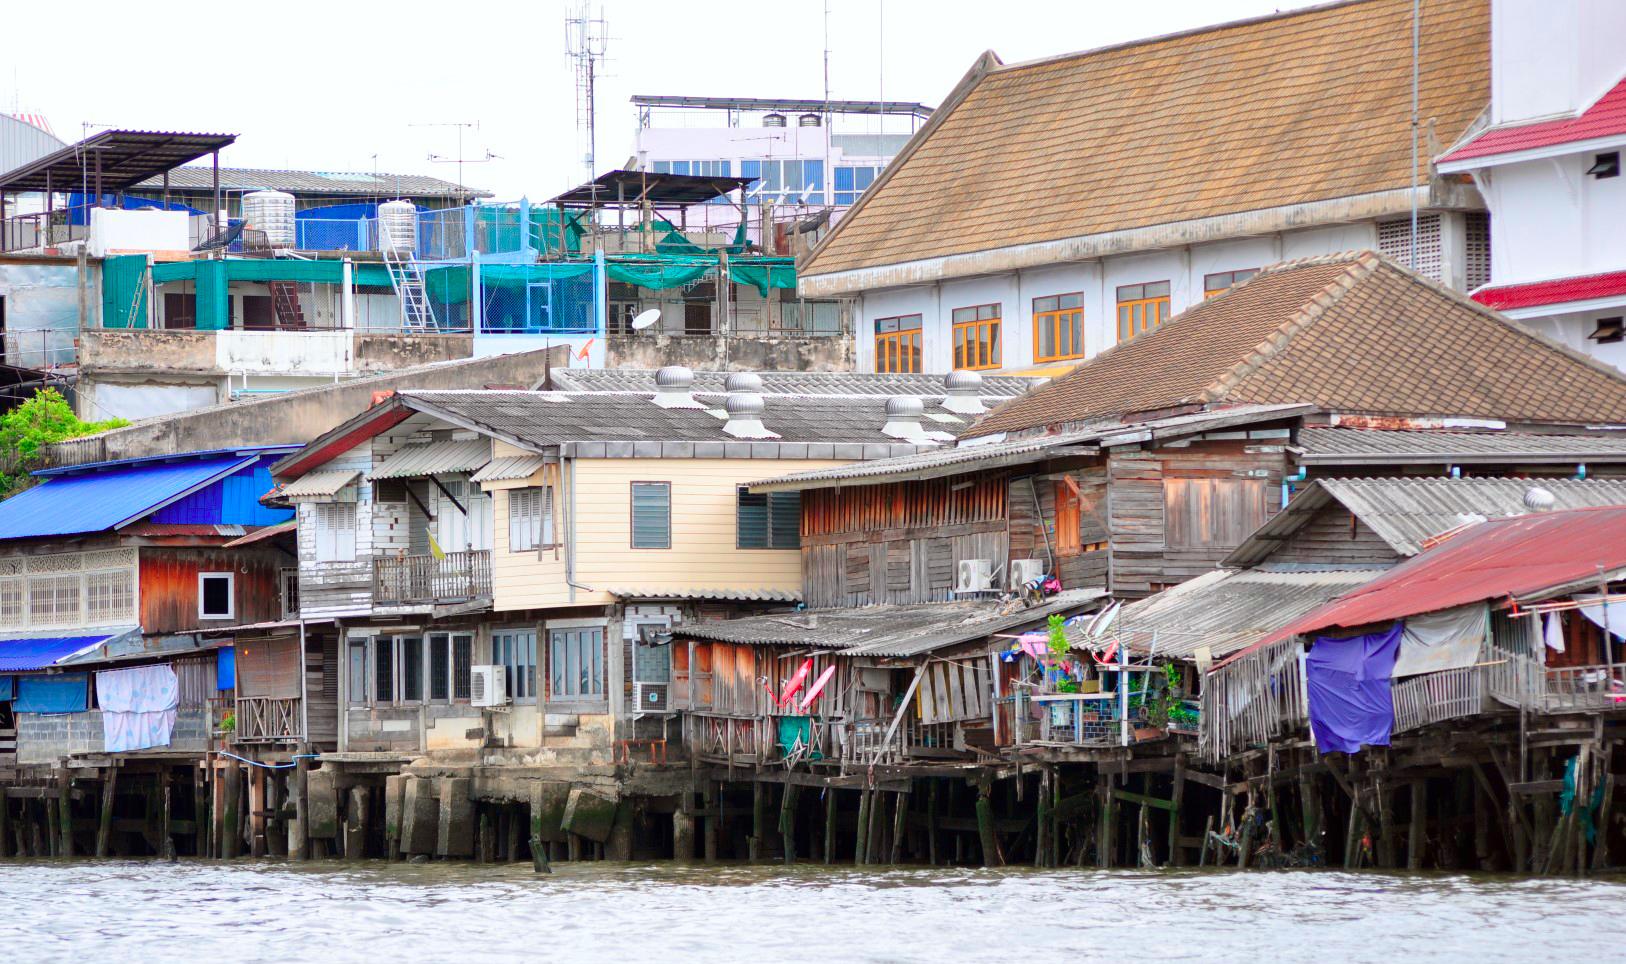 Qué hacer en Bangkok, qué ver en Bangkok, Tailandia qué hacer en bangkok - 39684320165 94442701d9 o - Qué hacer en Bangkok para descubrir su estilo de vida